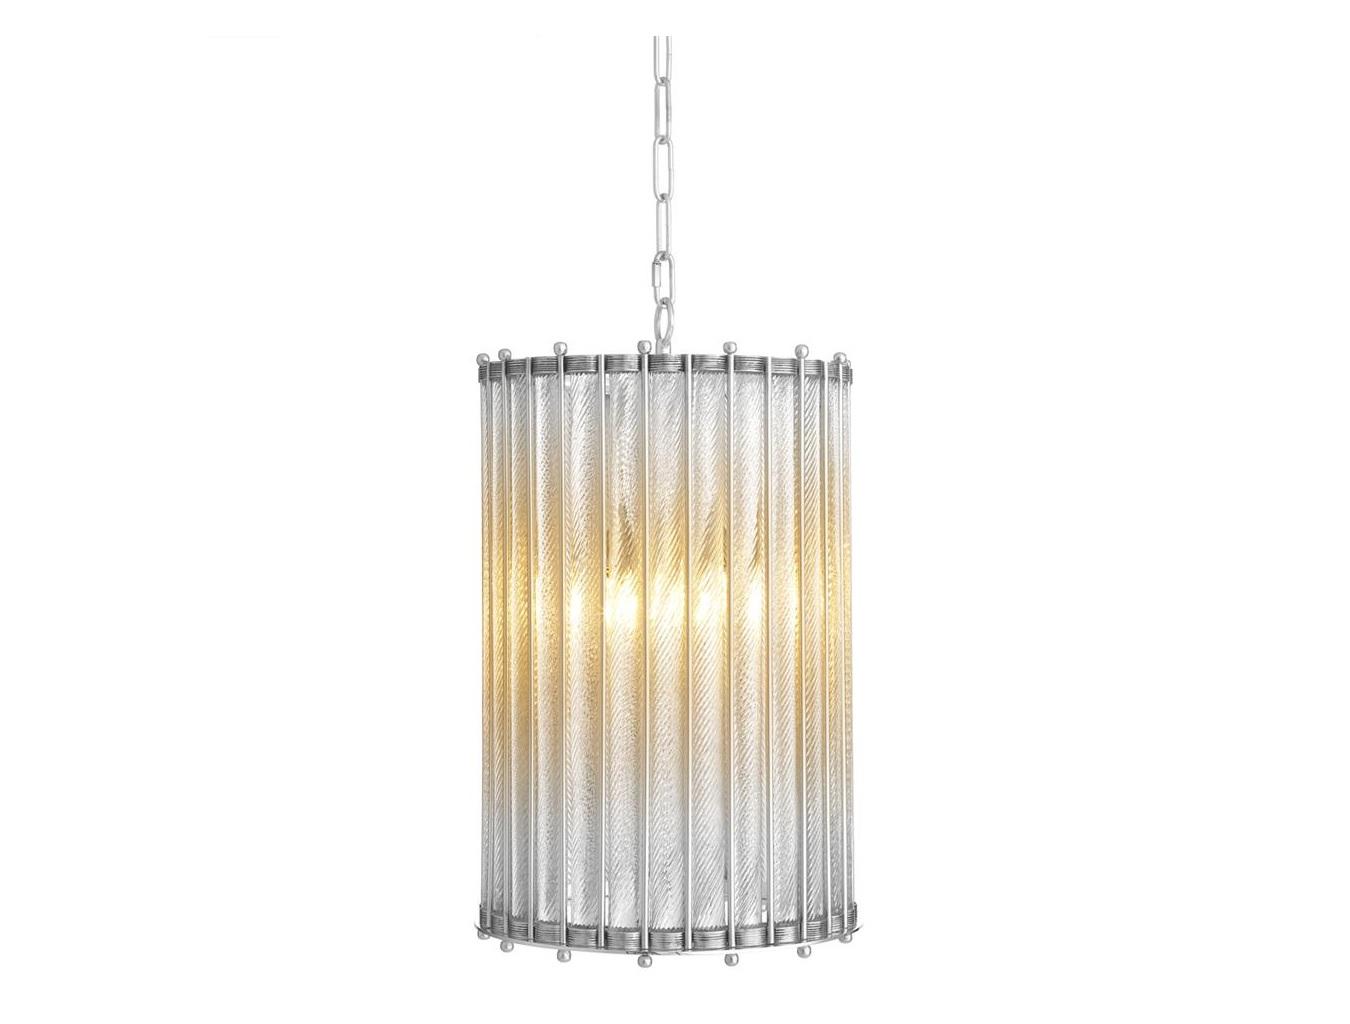 Подвесной светильник Lantern TizianoПодвесные светильники<br>&amp;lt;div&amp;gt;Вид цоколя: E14&amp;lt;br&amp;gt;&amp;lt;/div&amp;gt;&amp;lt;div&amp;gt;&amp;lt;div&amp;gt;Мощность: 40W&amp;lt;/div&amp;gt;&amp;lt;div&amp;gt;Количество ламп: 3 (нет в комплекте)&amp;lt;/div&amp;gt;&amp;lt;/div&amp;gt;<br><br>Material: Металл<br>Ширина см: 35.0<br>Высота см: 53.0<br>Глубина см: 35.0